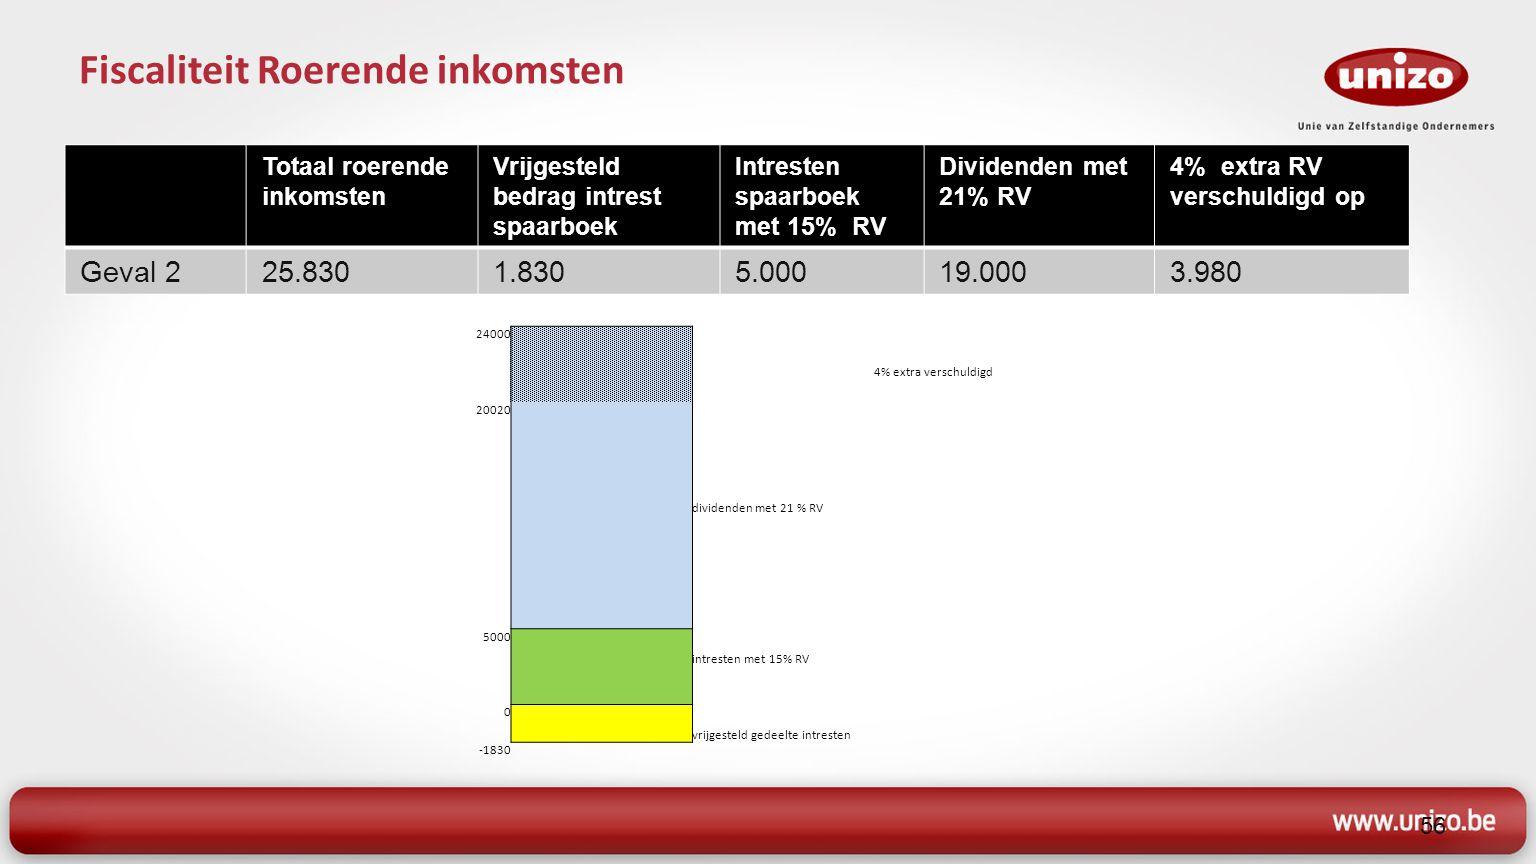 Totaal roerende inkomsten Vrijgesteld bedrag intrest spaarboek Intresten spaarboek met 15% RV Dividenden met 21% RV 4% extra RV verschuldigd op Geval 353.8301.83022.00030.000 52000 dividenden met 21% RV 4% extra verschuldigd 22000 20020 intresten met 15% RV 0 vrijgesteld gedeelte intresten -1830 57 Fiscaliteit Roerende inkomsten